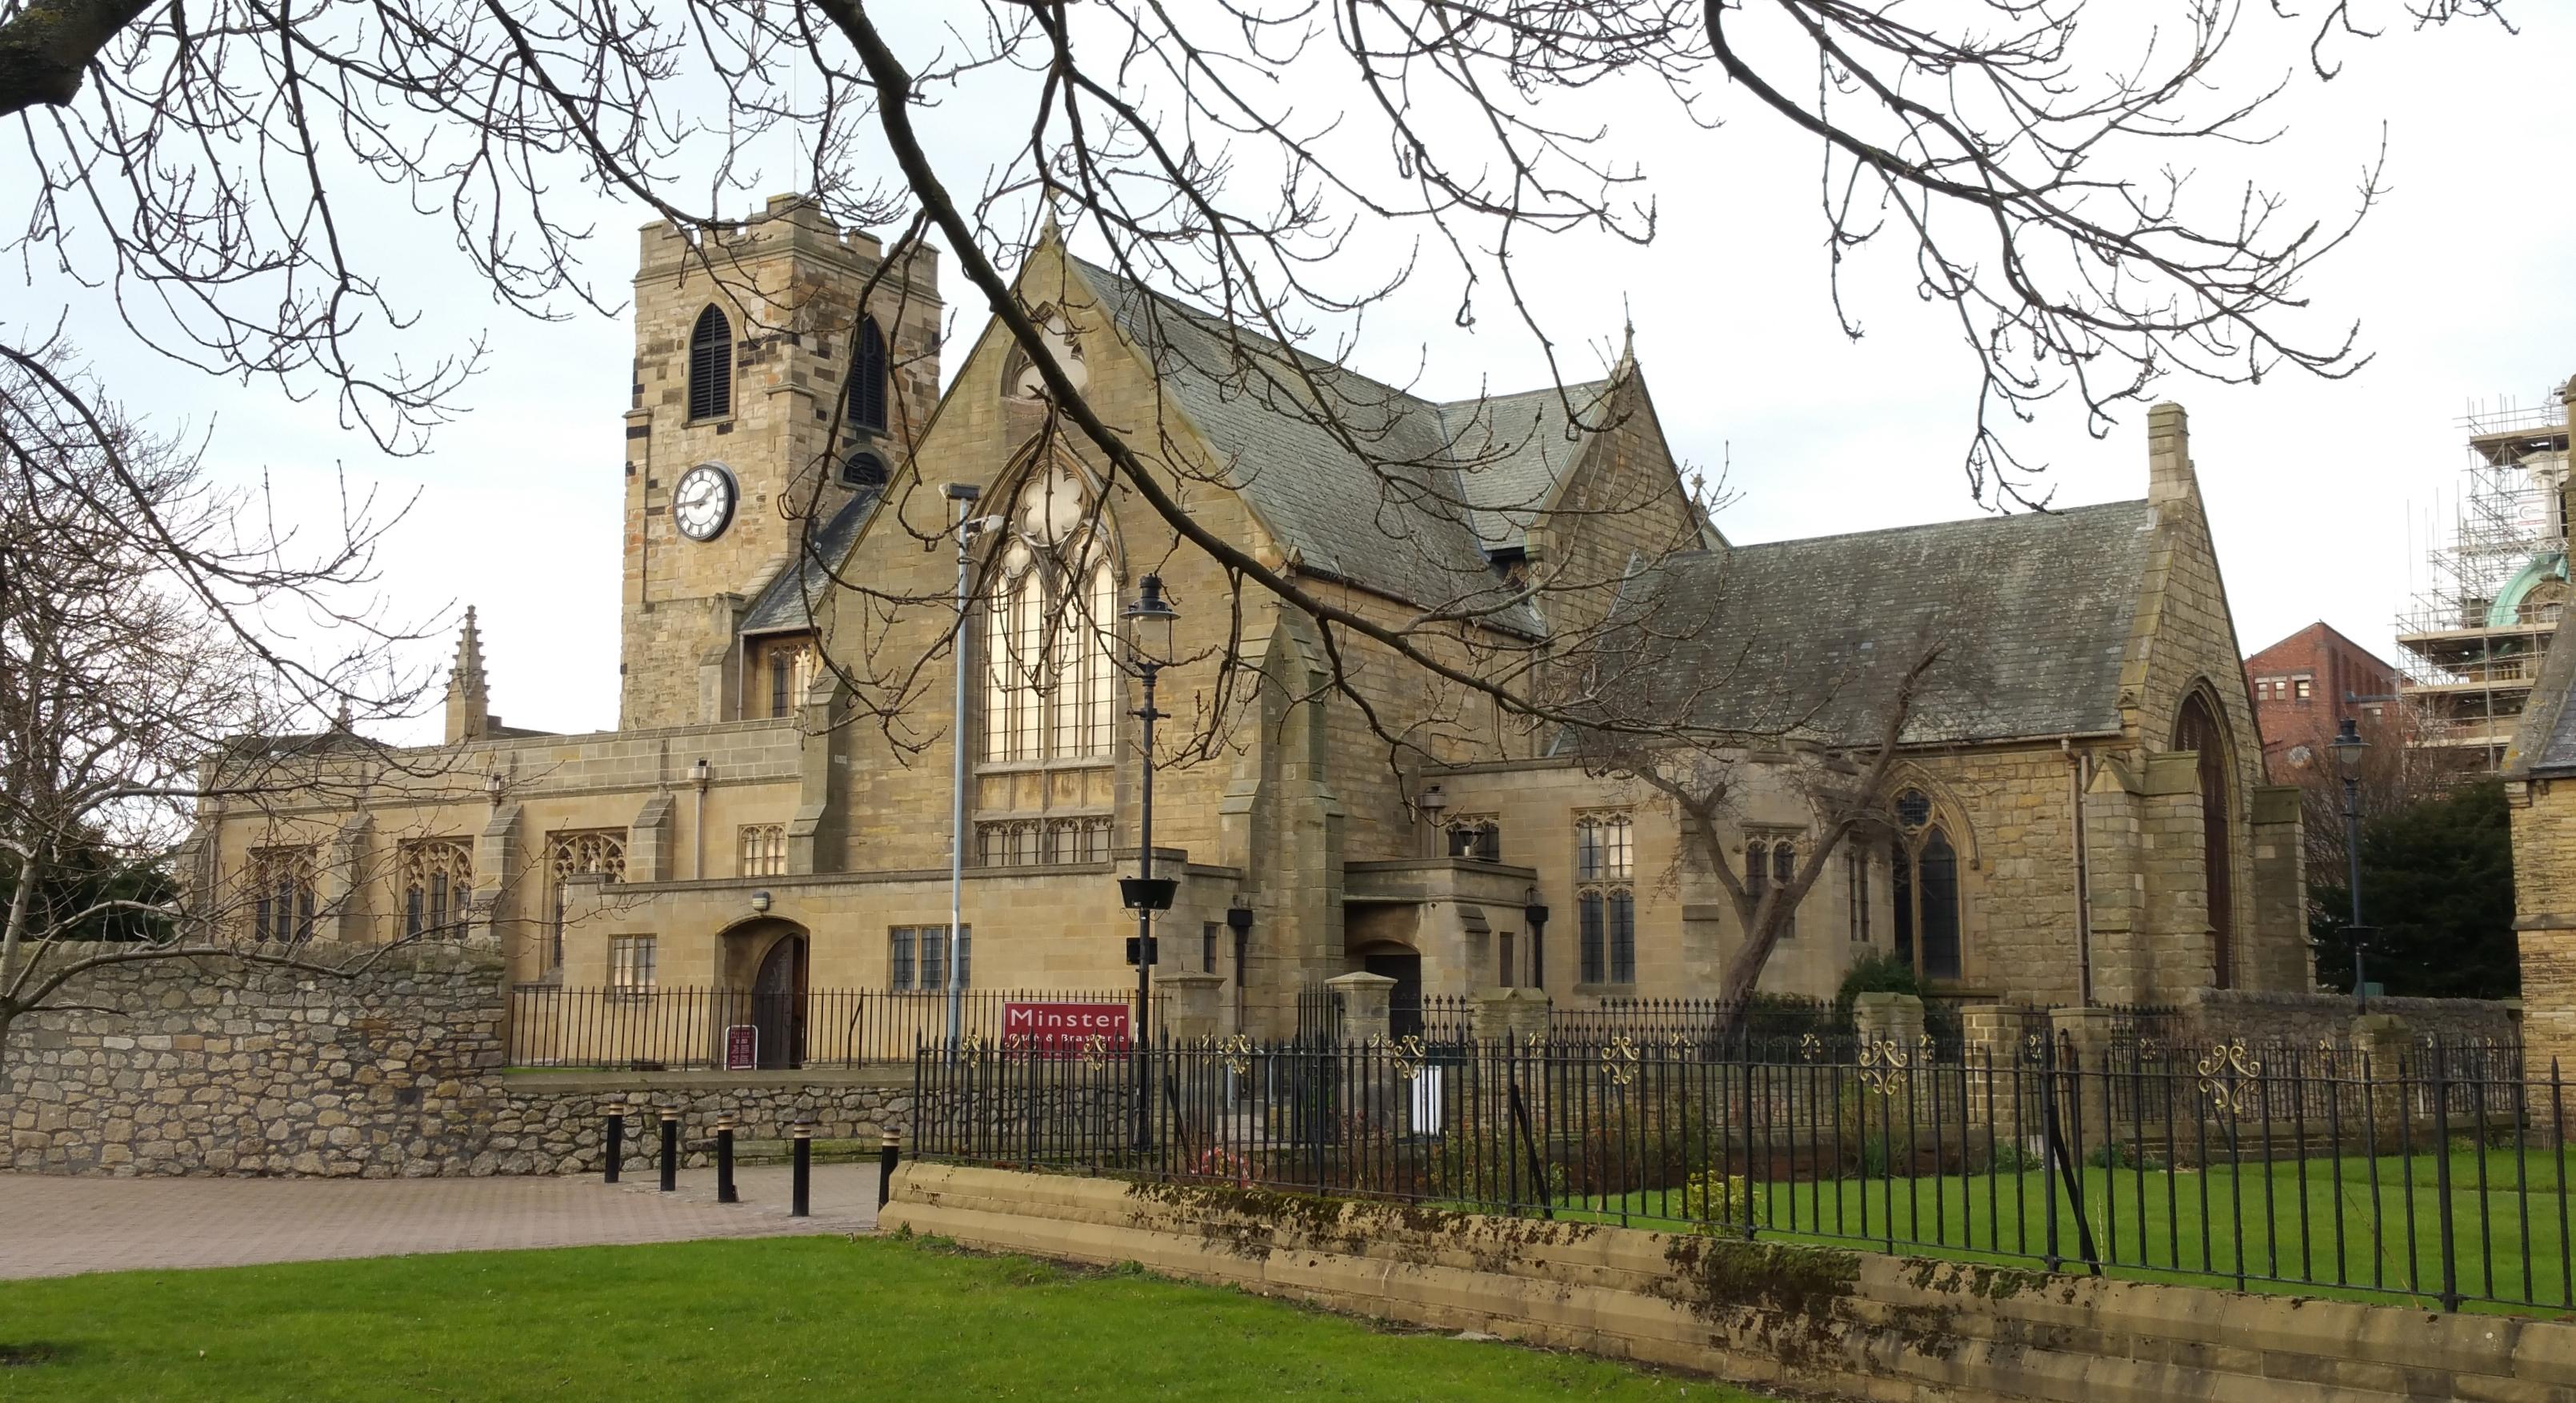 SUNDERLAND, Sunderland Minster